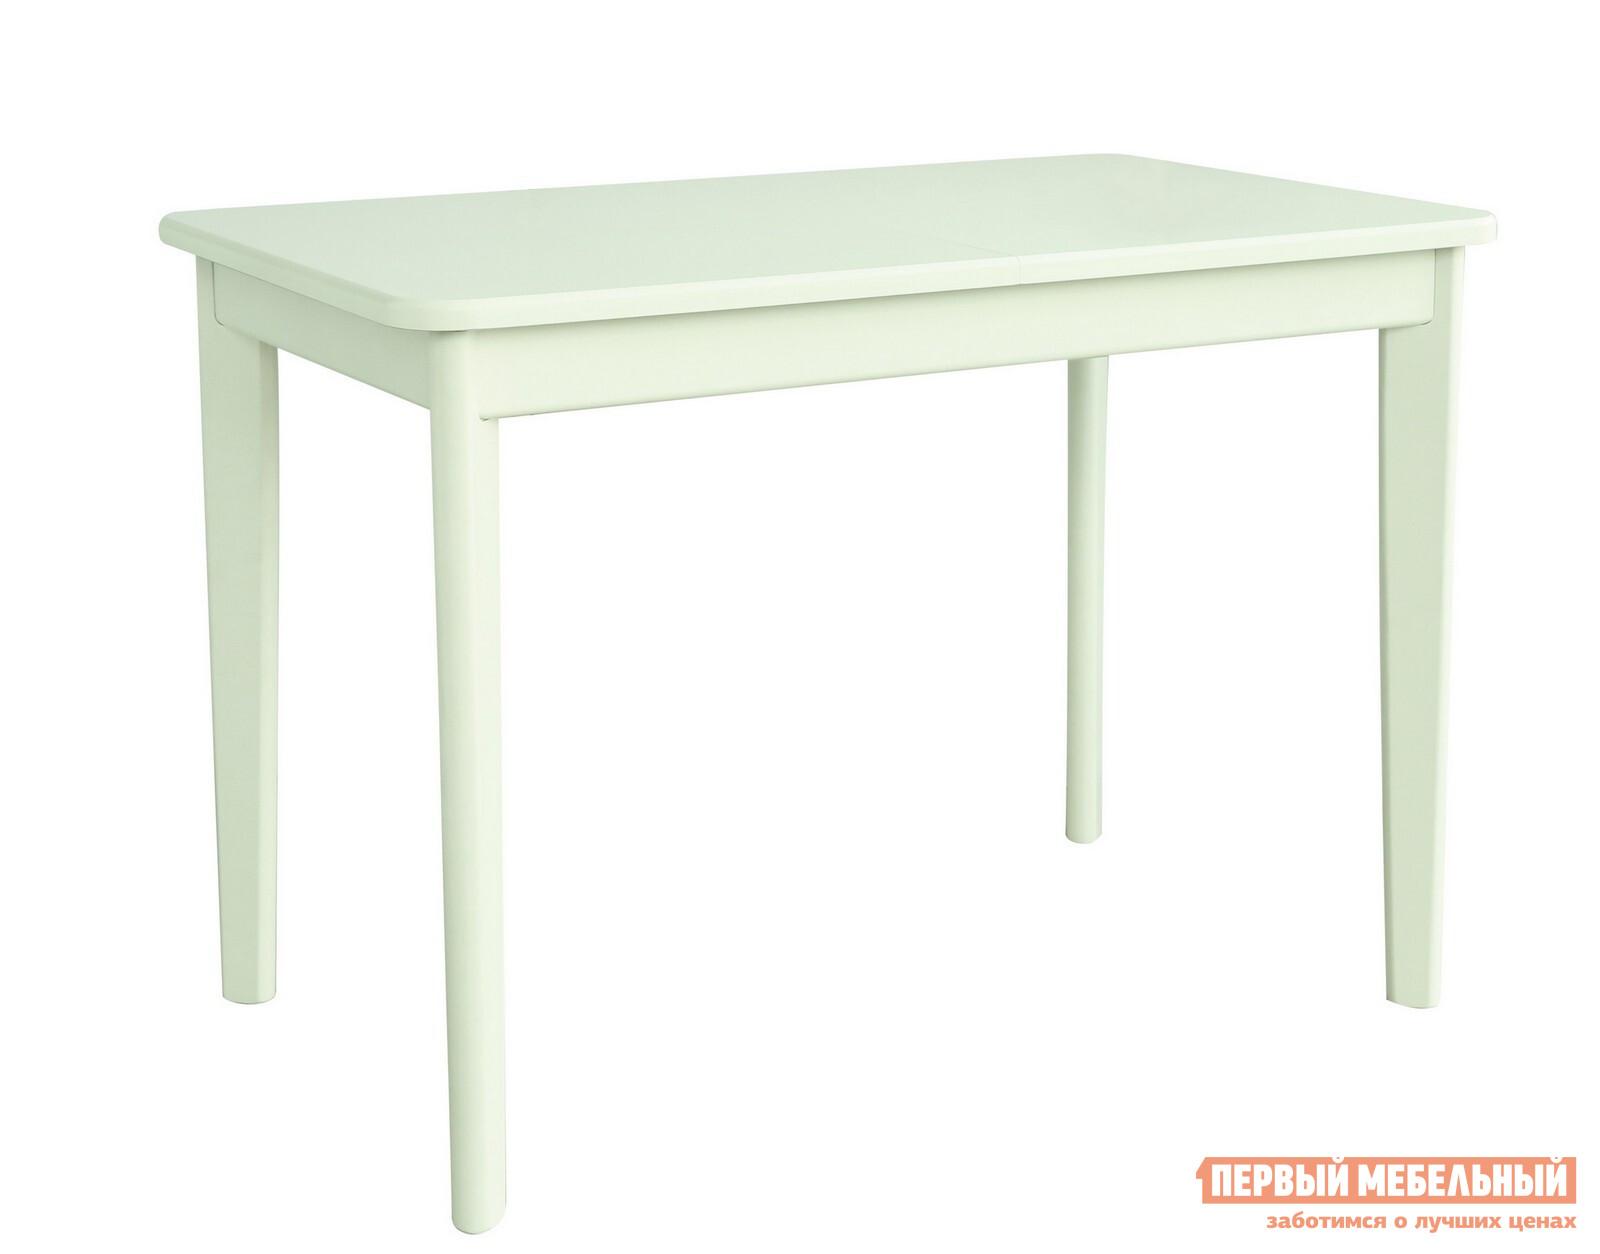 Кухонный стол  Блюз 03.08 (С03 тон 304) белый Столлайн 21318